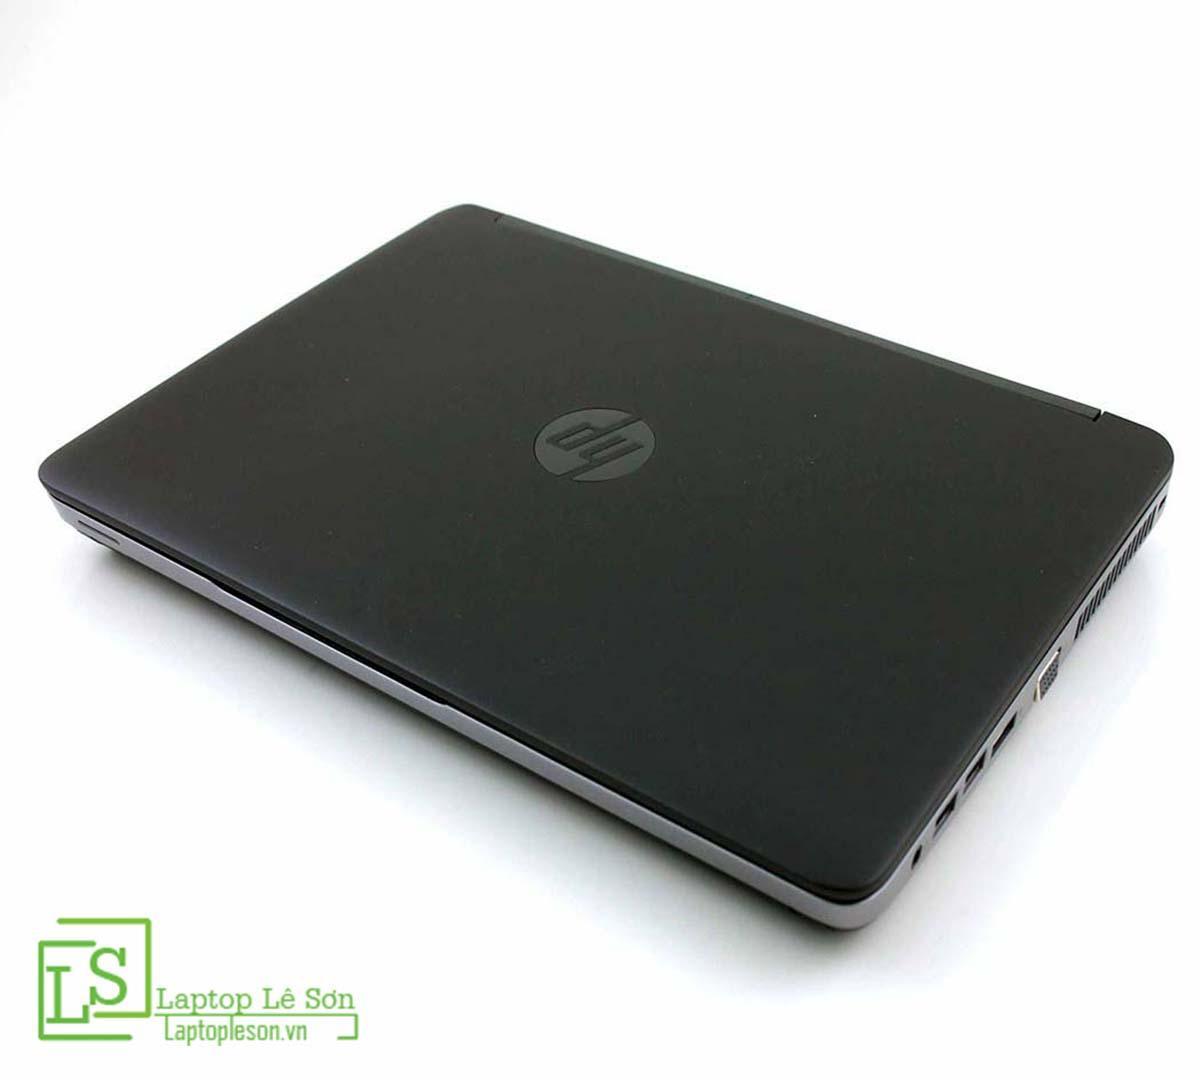 Laptop Lê Sơn HP Probook 640 G1 02